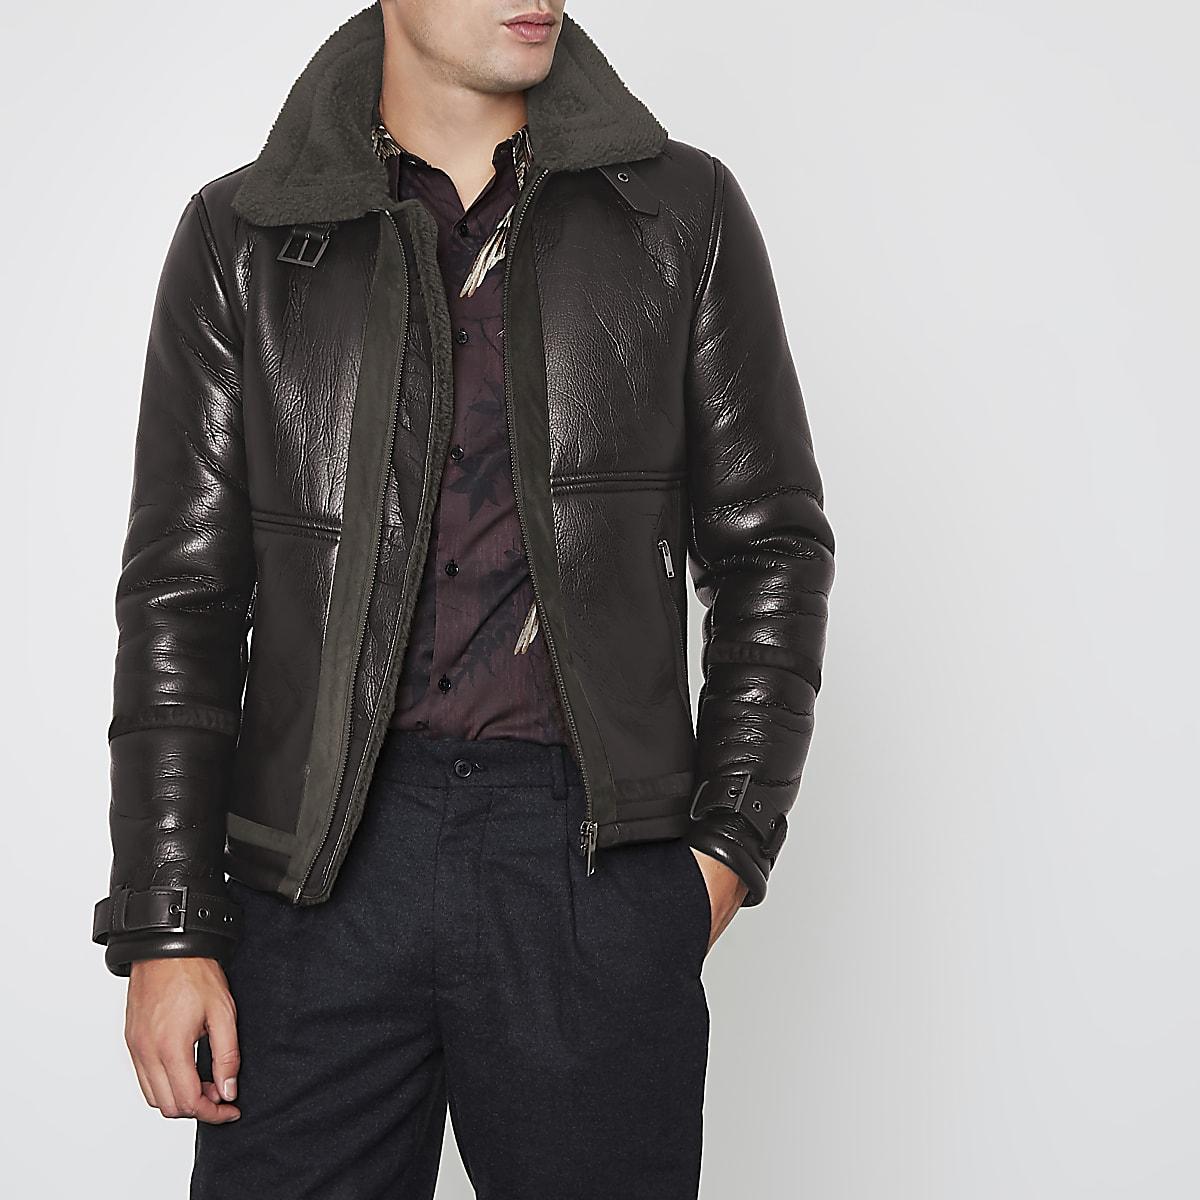 fd5f0a9ead58 Dark brown faux shearling aviator jacket - Jackets - Coats   Jackets - men